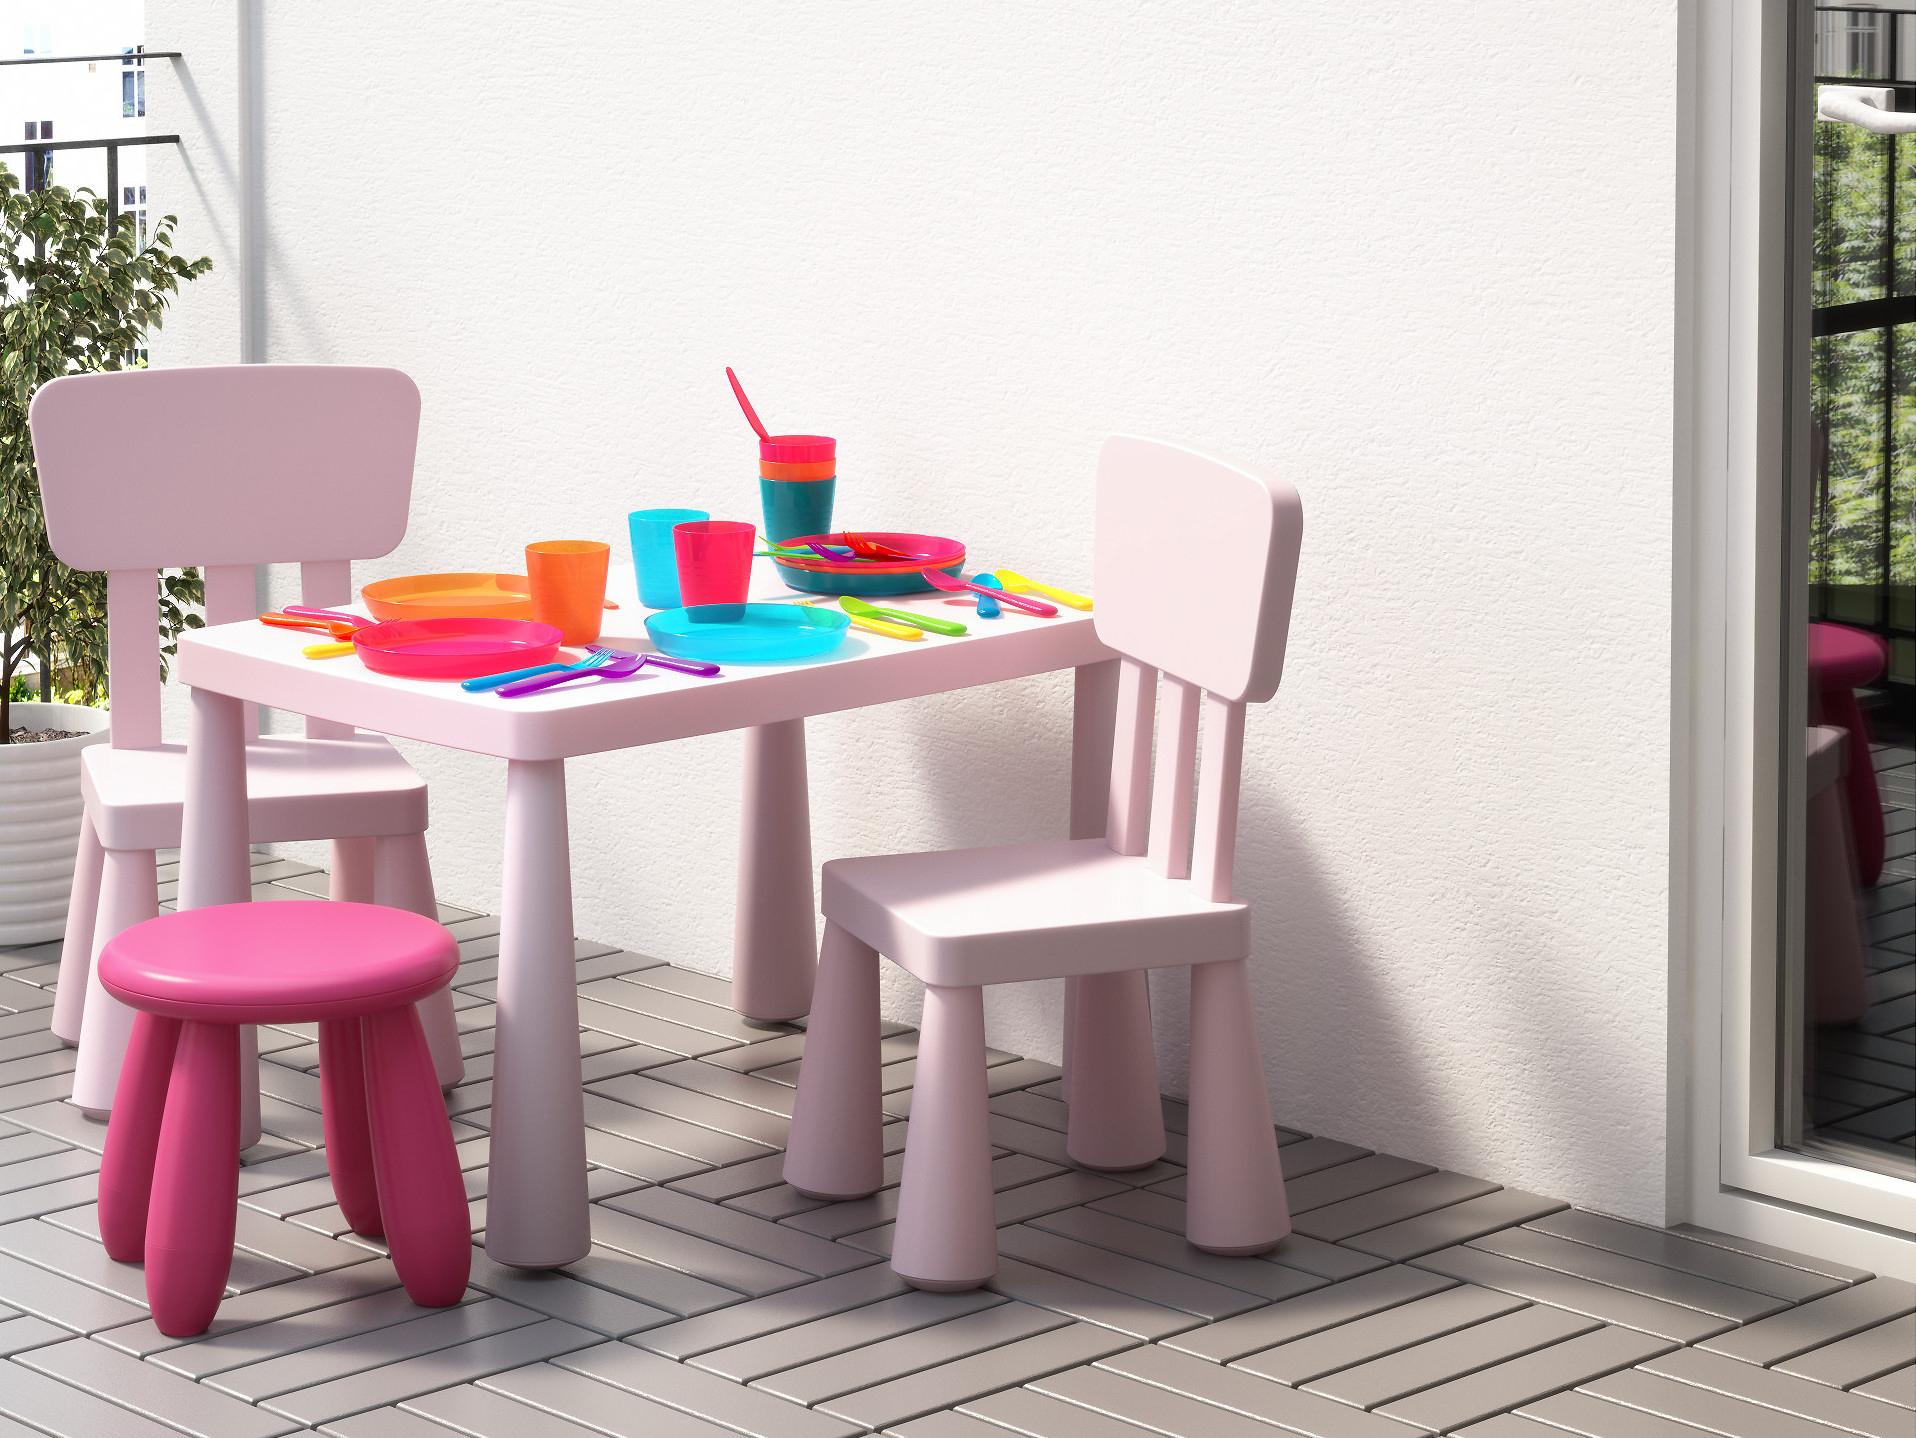 Salon De Jardin Pour Enfants : Du Mobilier Comme Les destiné Mobilier De Jardin Ikea